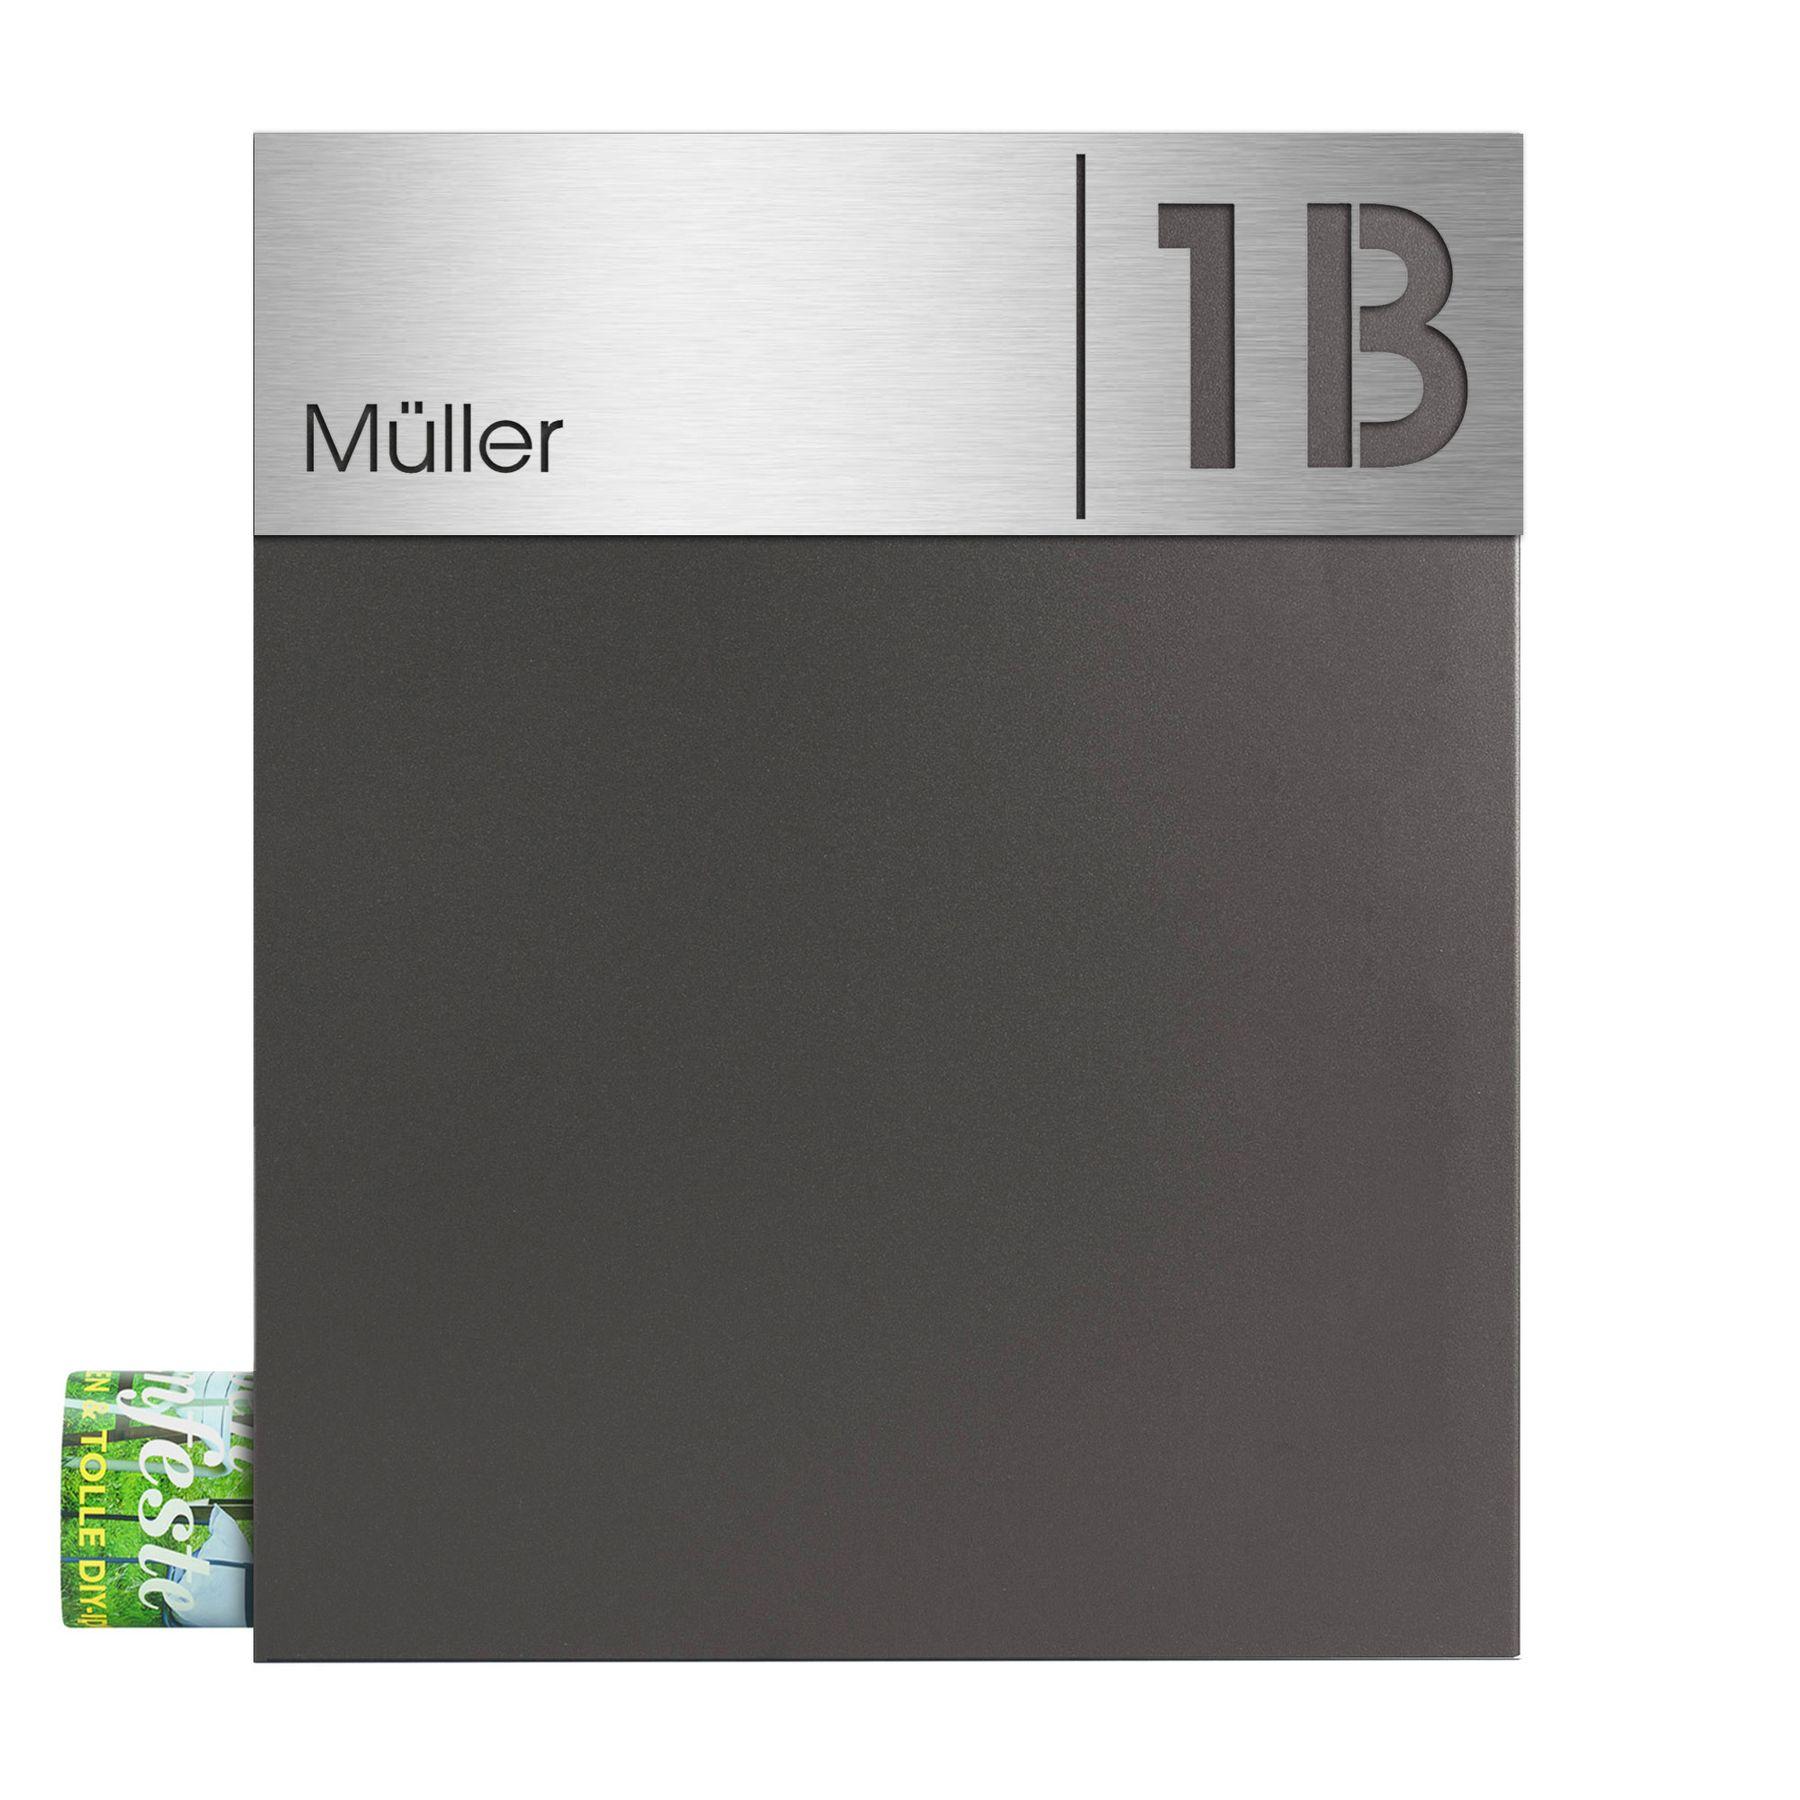 MOCAVI Box 111 Design-Briefkasten mit Name und Hausnummer V4A ...